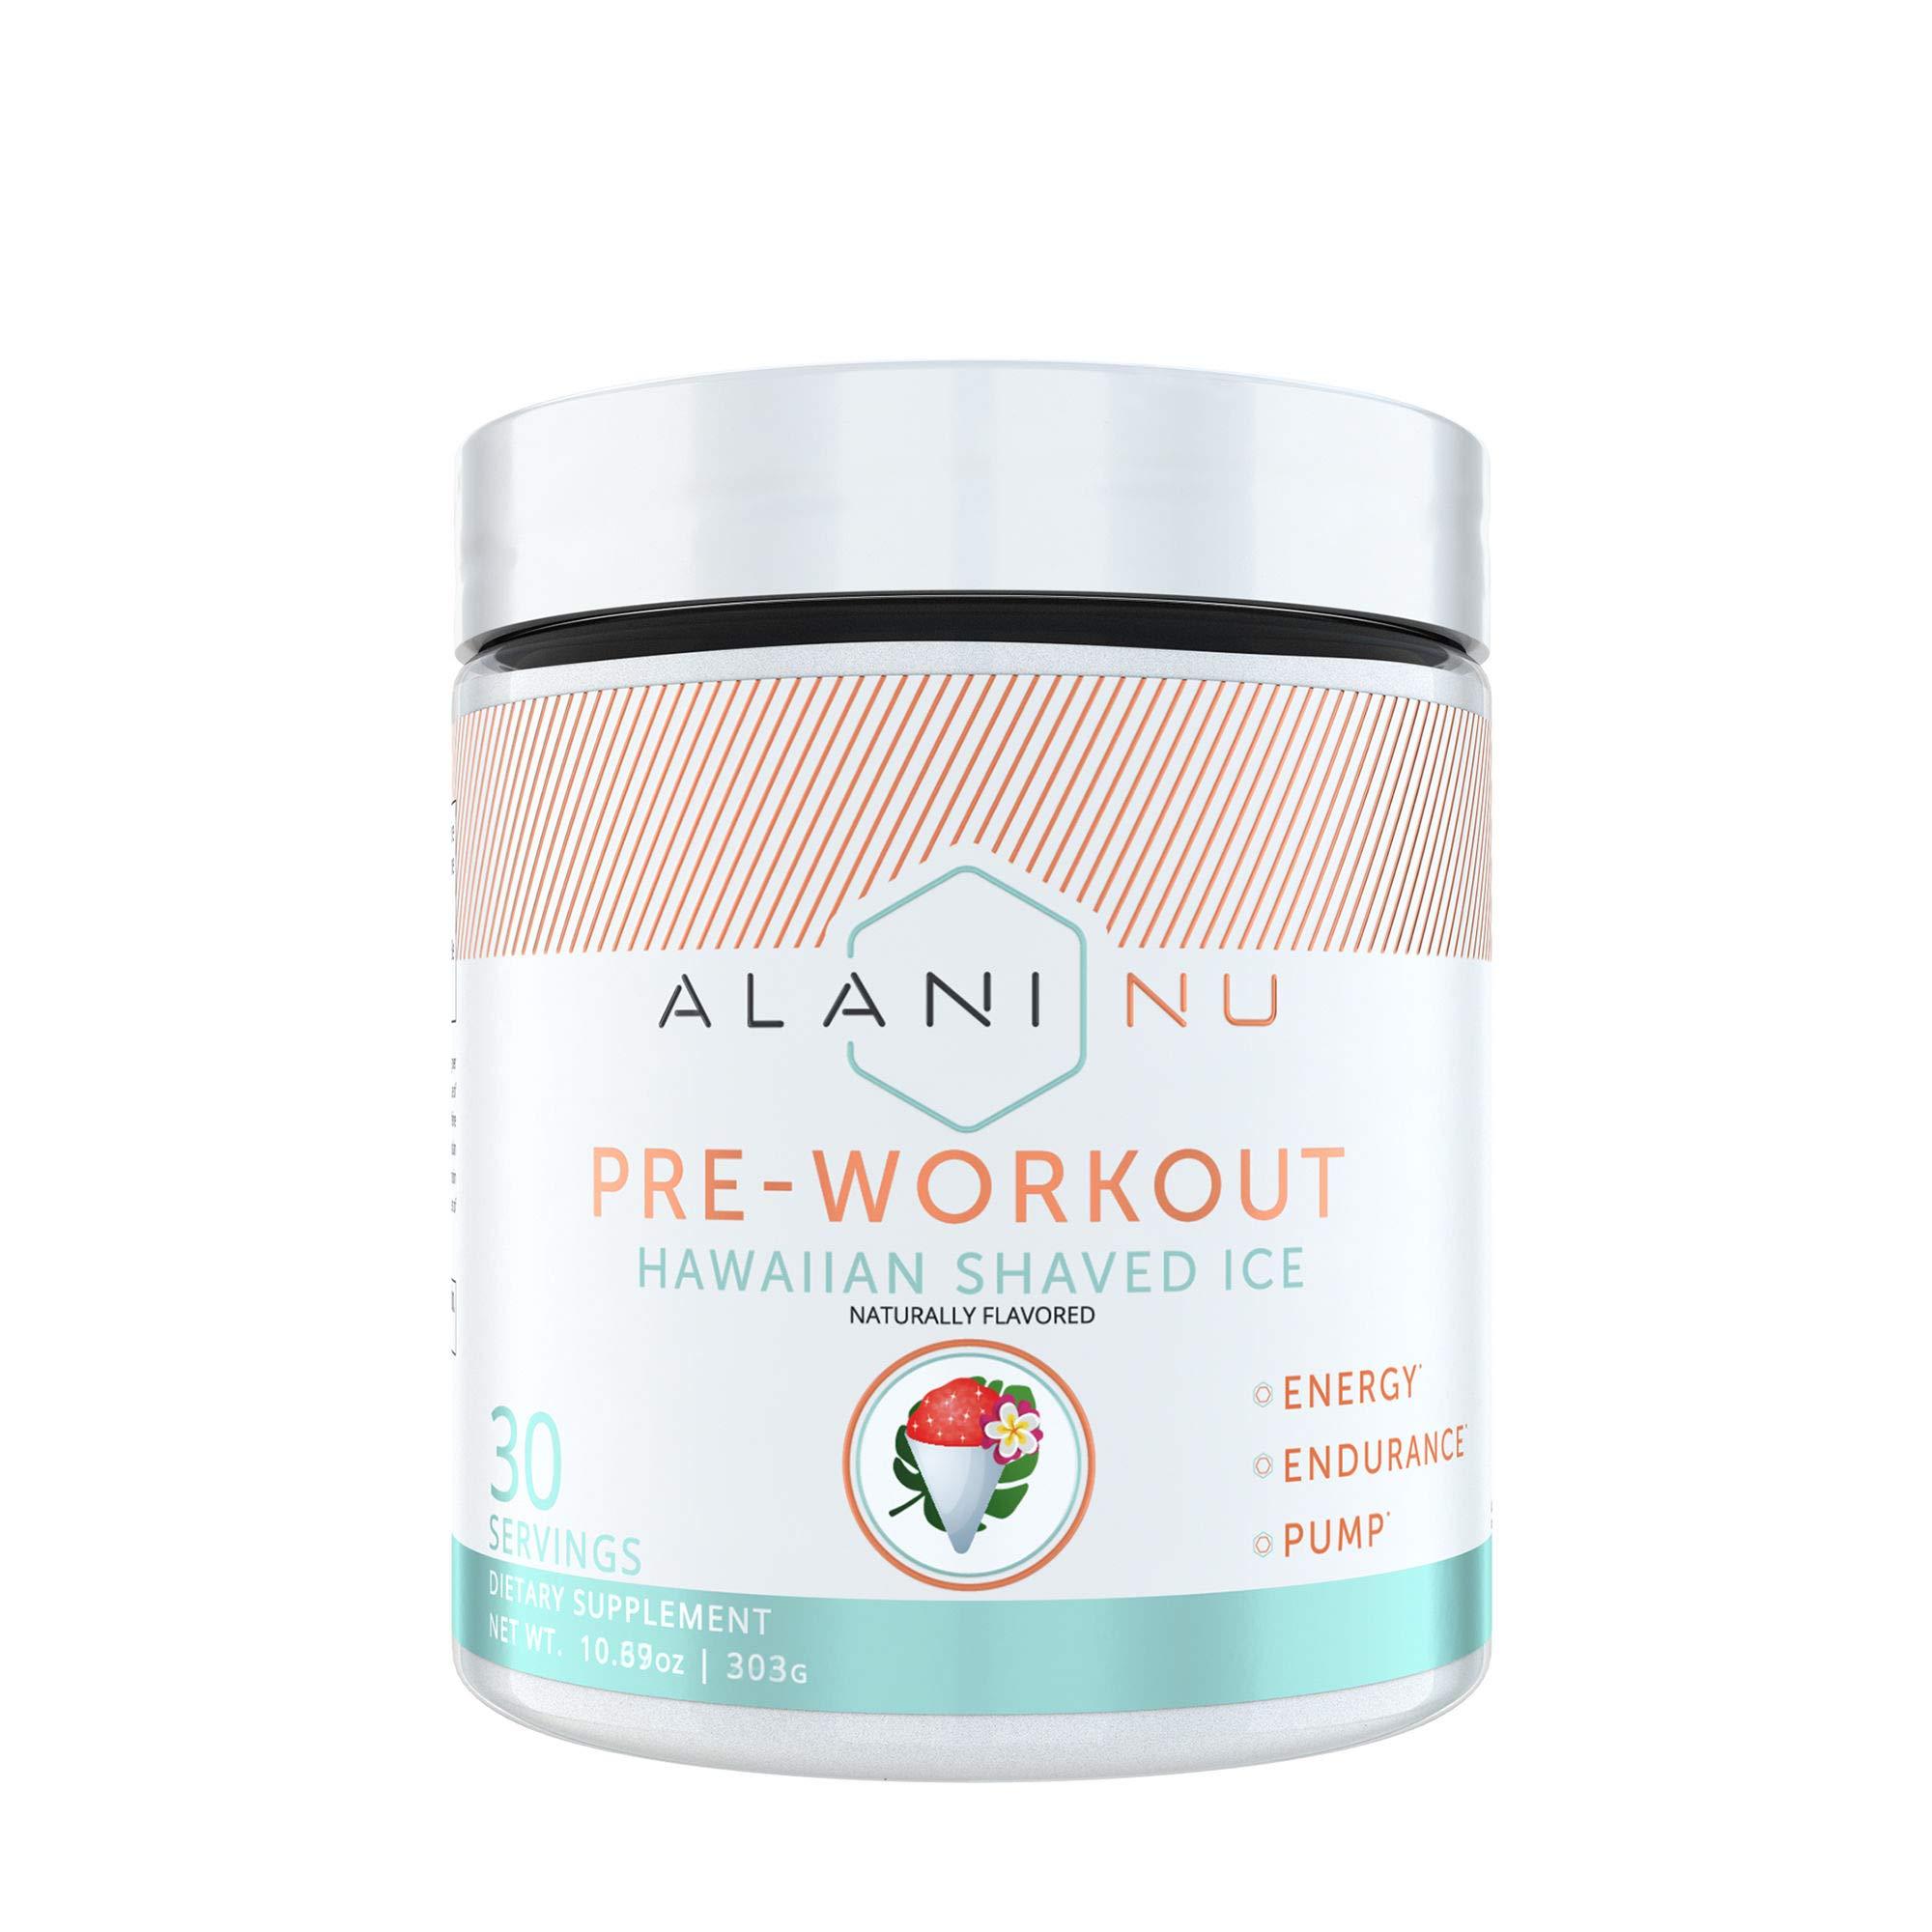 Alani Nu Pre-Workout - Hawaiian Shaved Ice by Alani Nu